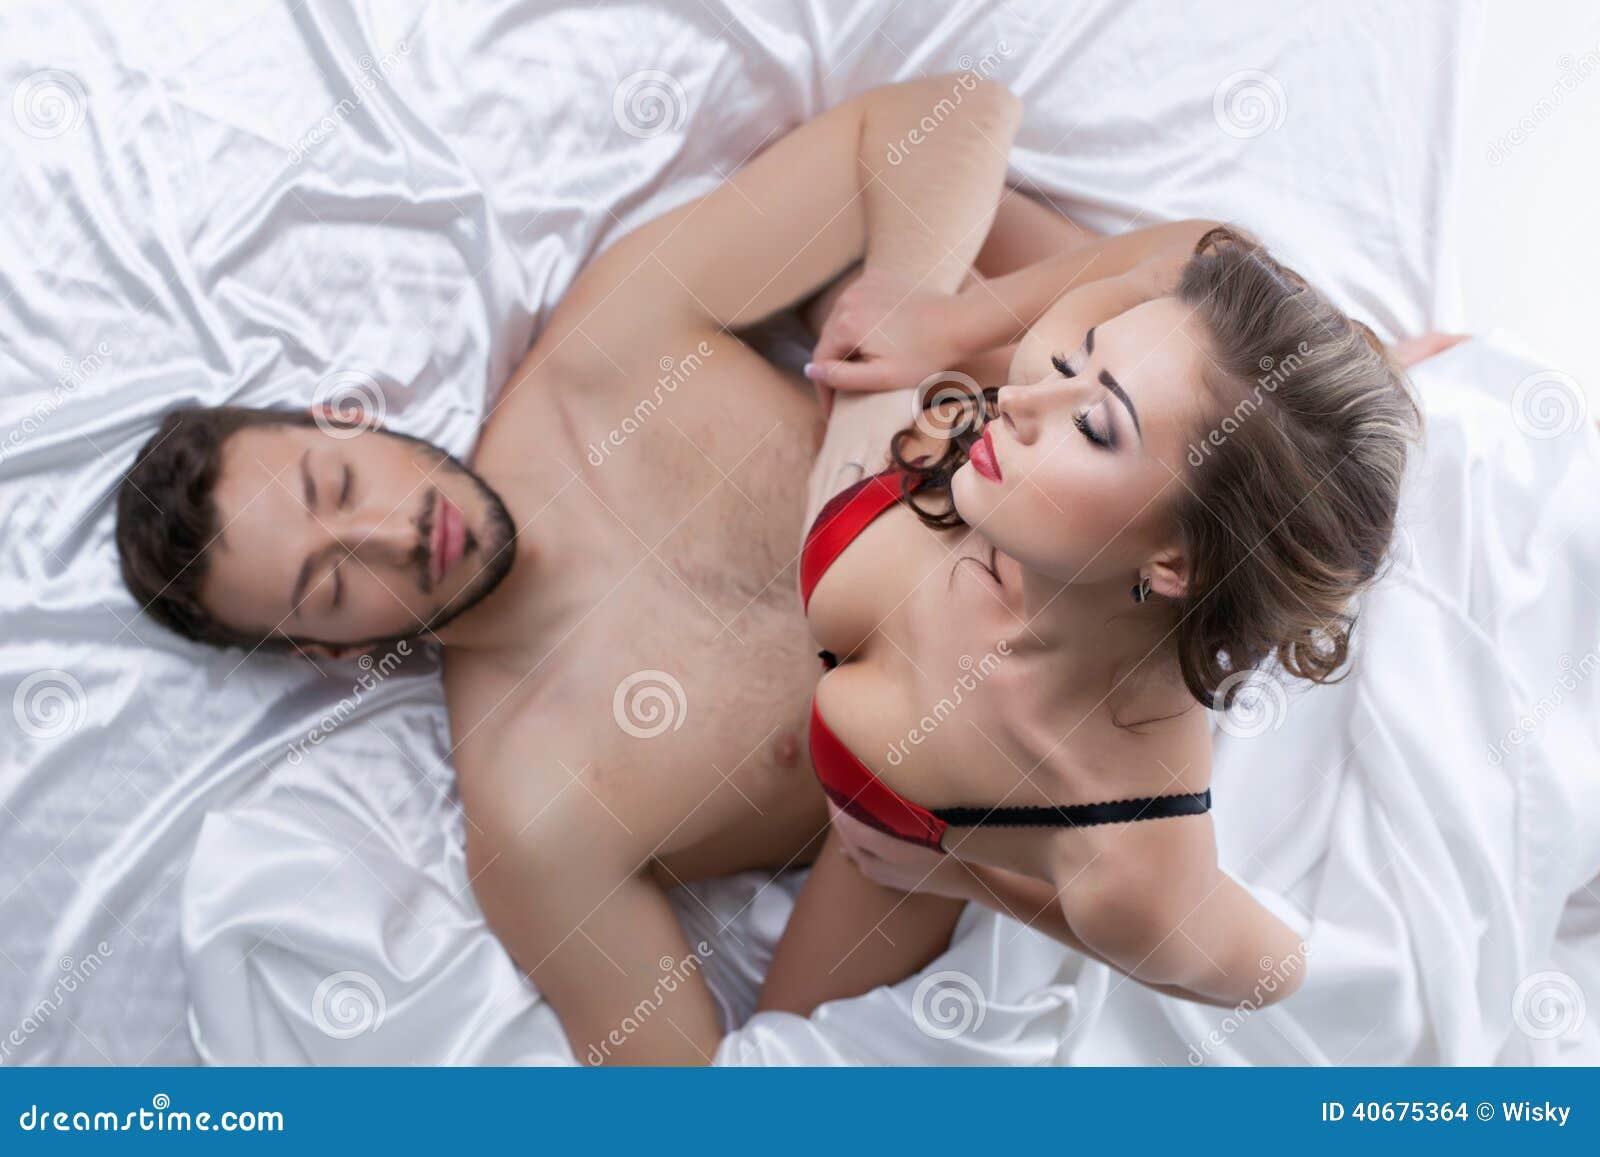 giovani amanti sesso